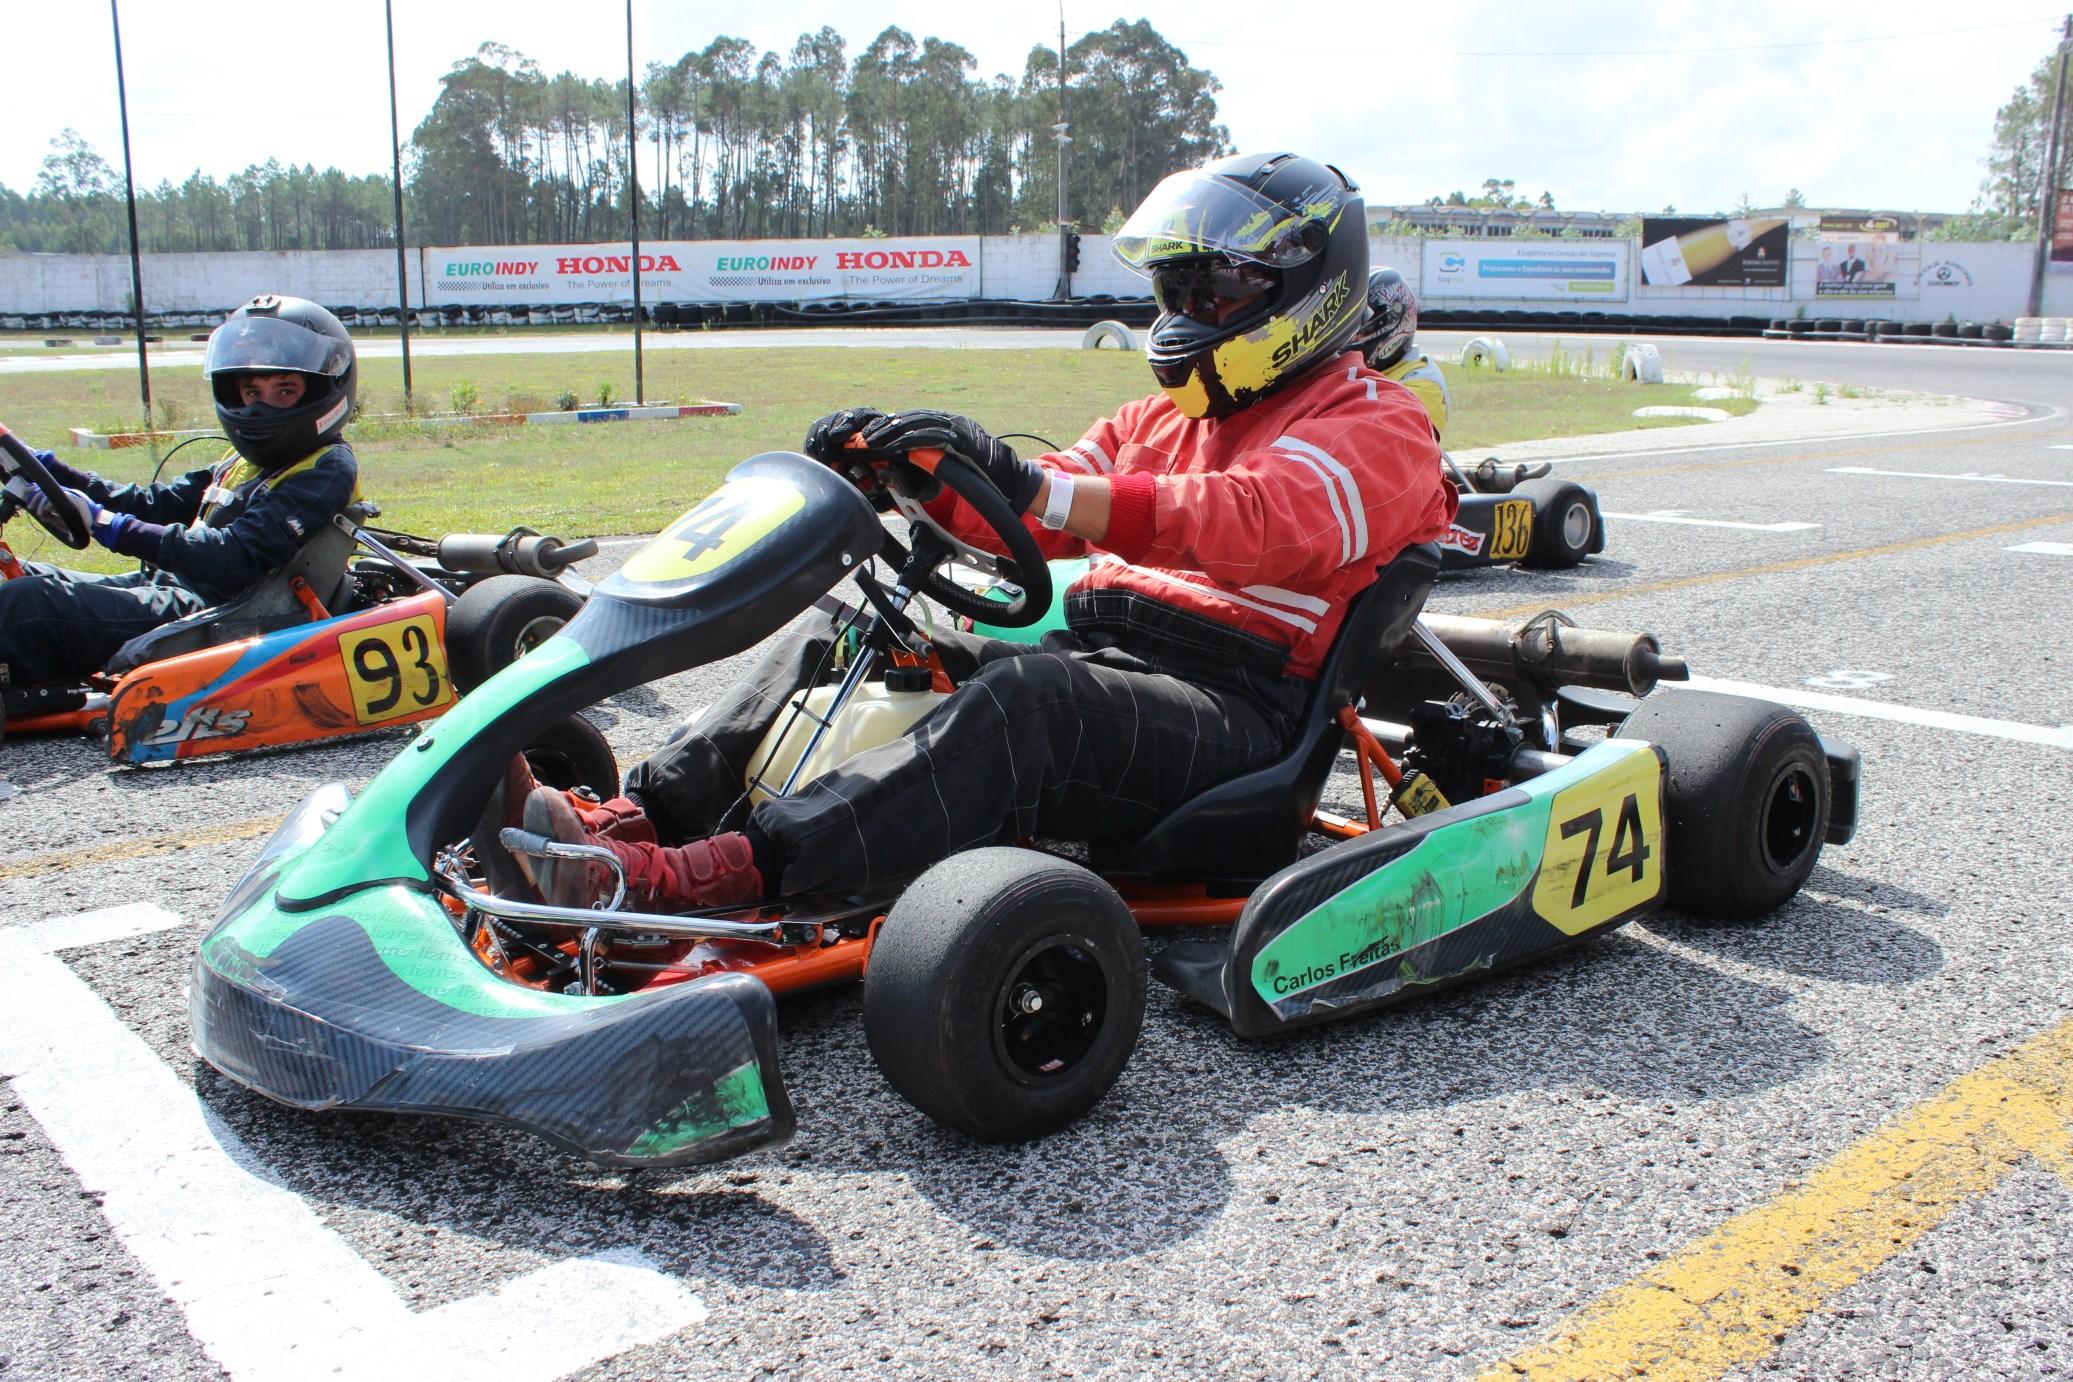 Troféu Honda 2014 - 3ª Prova106